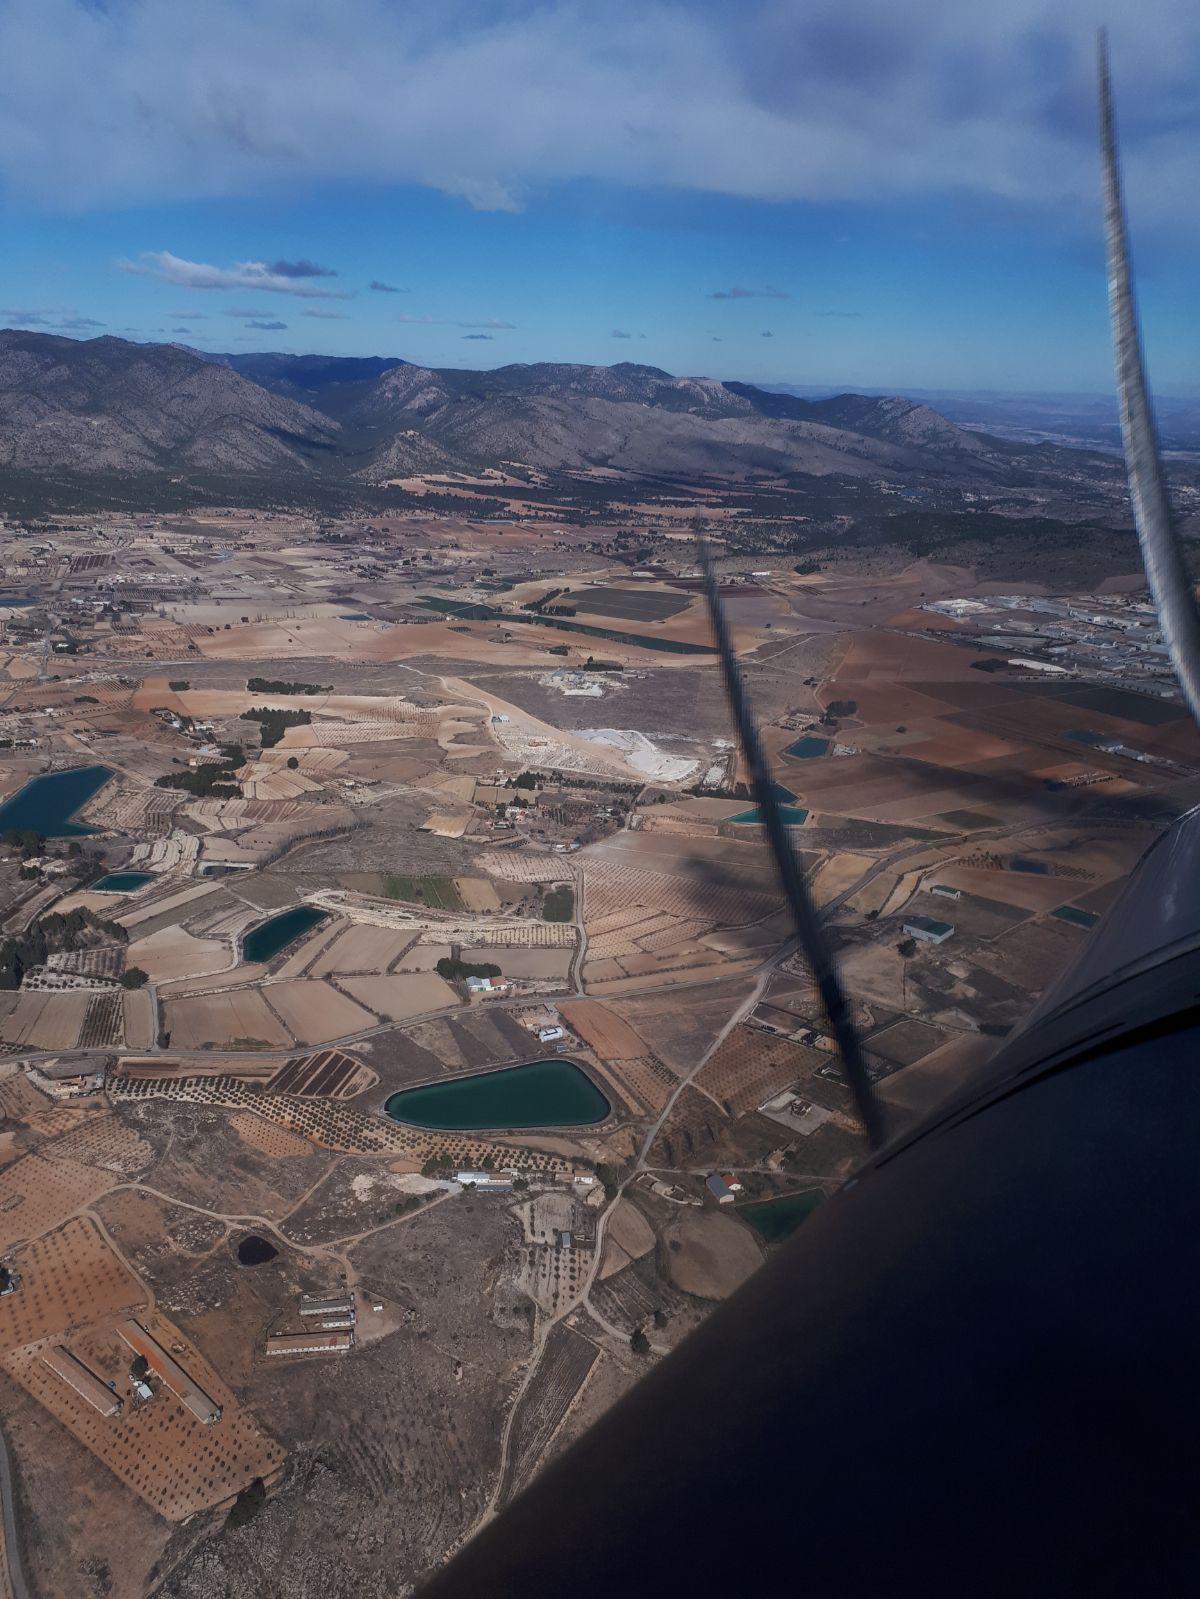 Aeródromo Caravaca de la Cruz